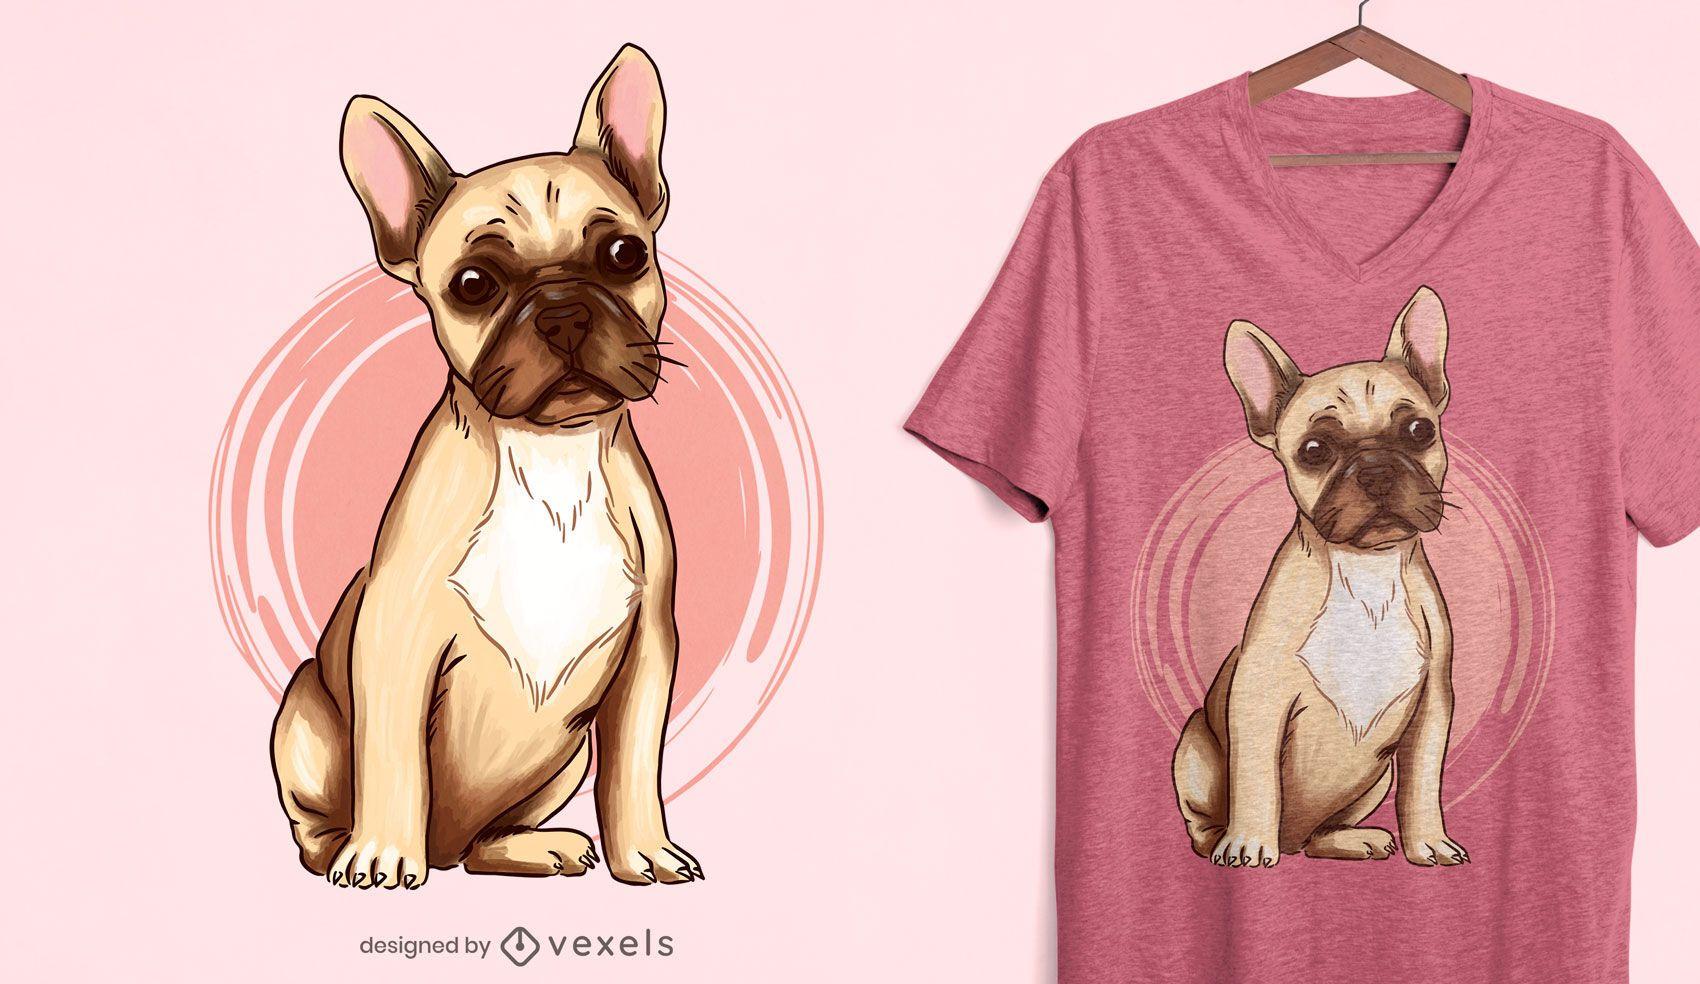 French bulldog t-shirt design